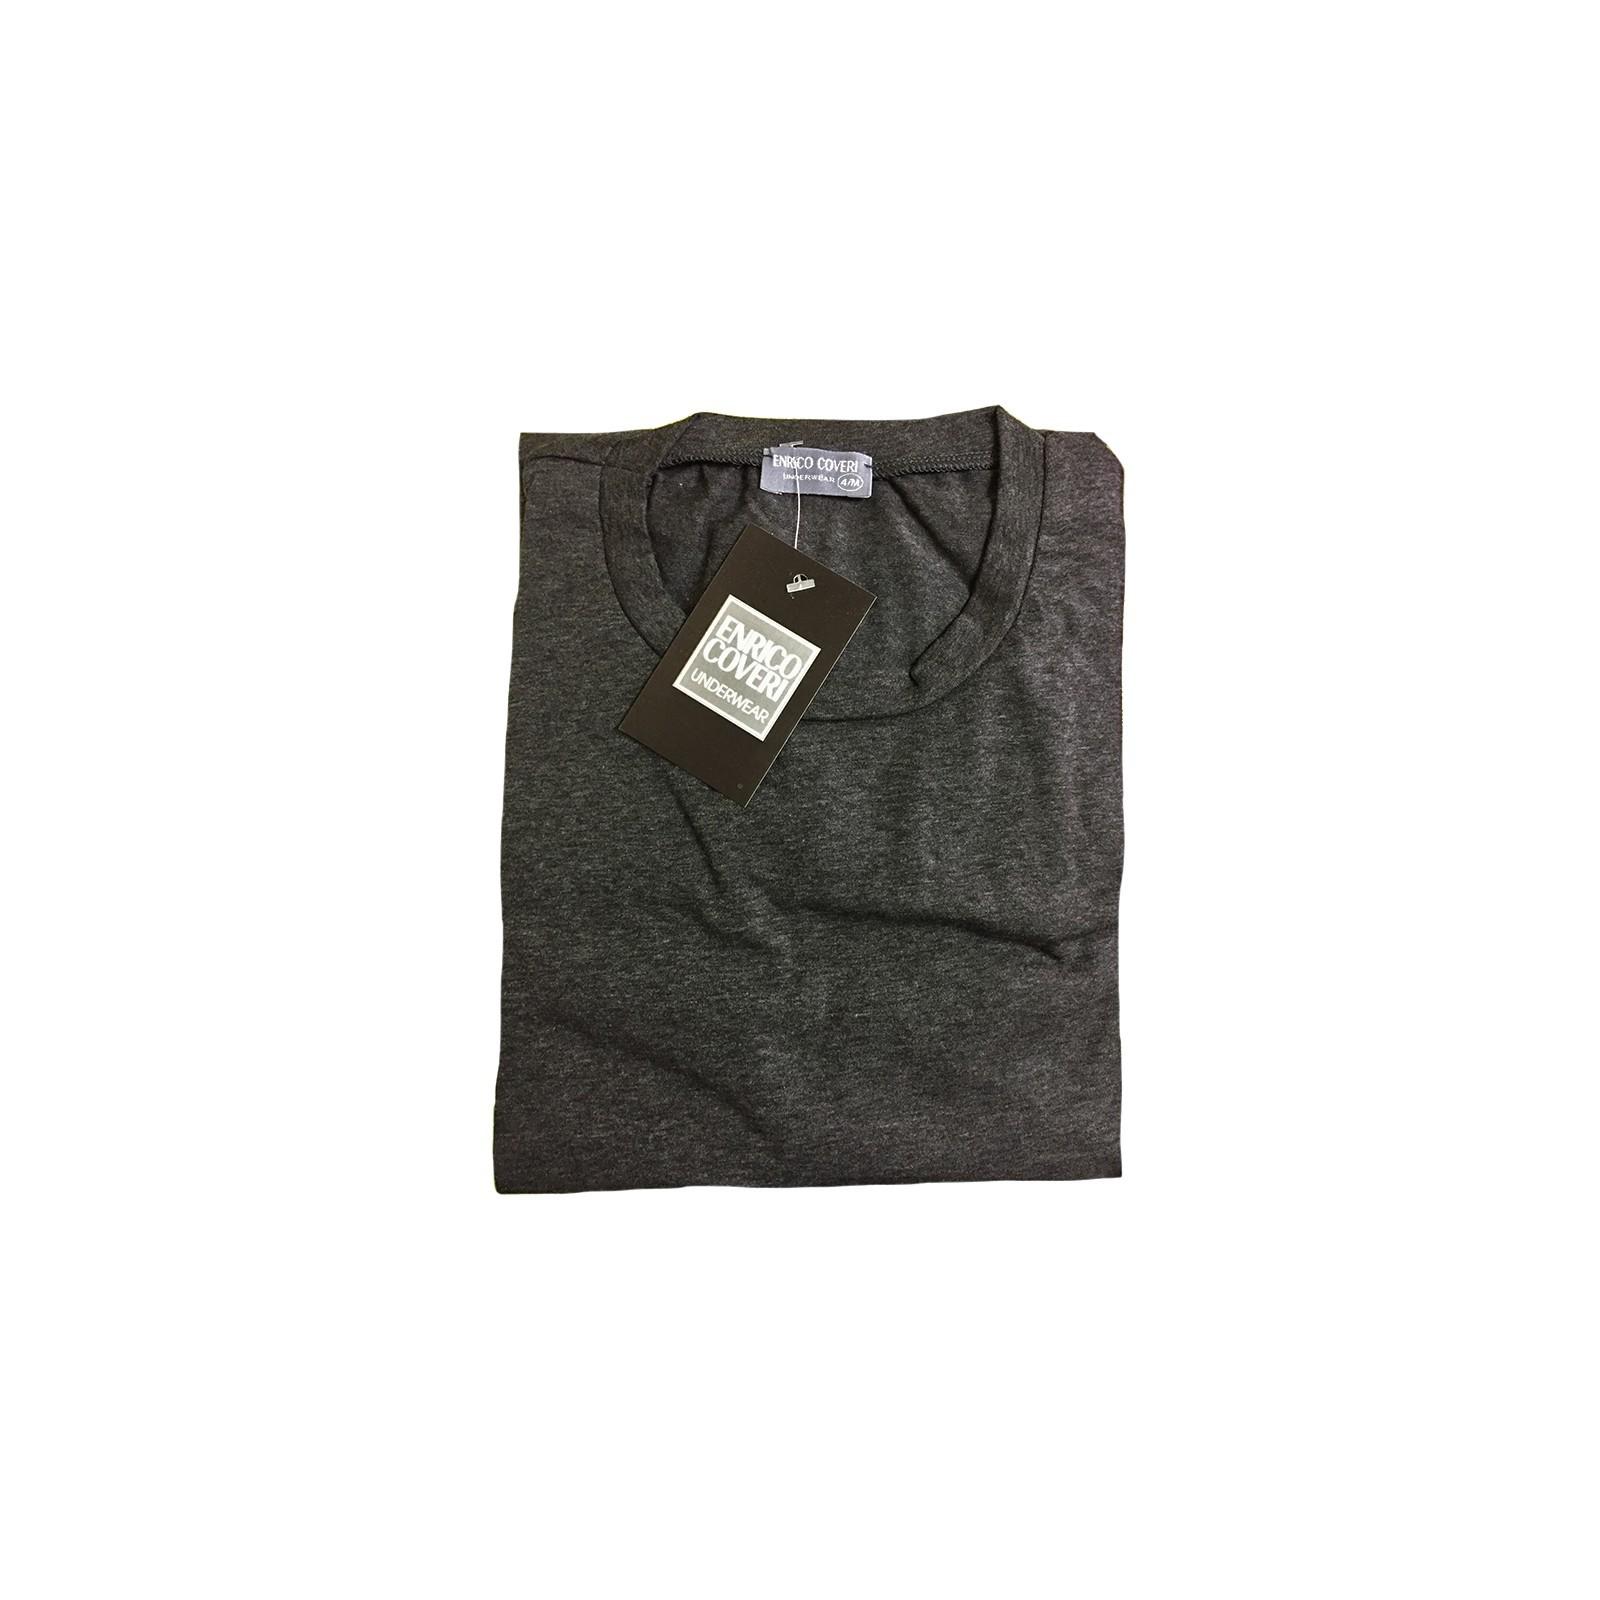 564c668446c1 ENRICO COVERI set 3 maglia bielastica in cotone uomo art. ET1504. Marca: ENRICO  COVERI